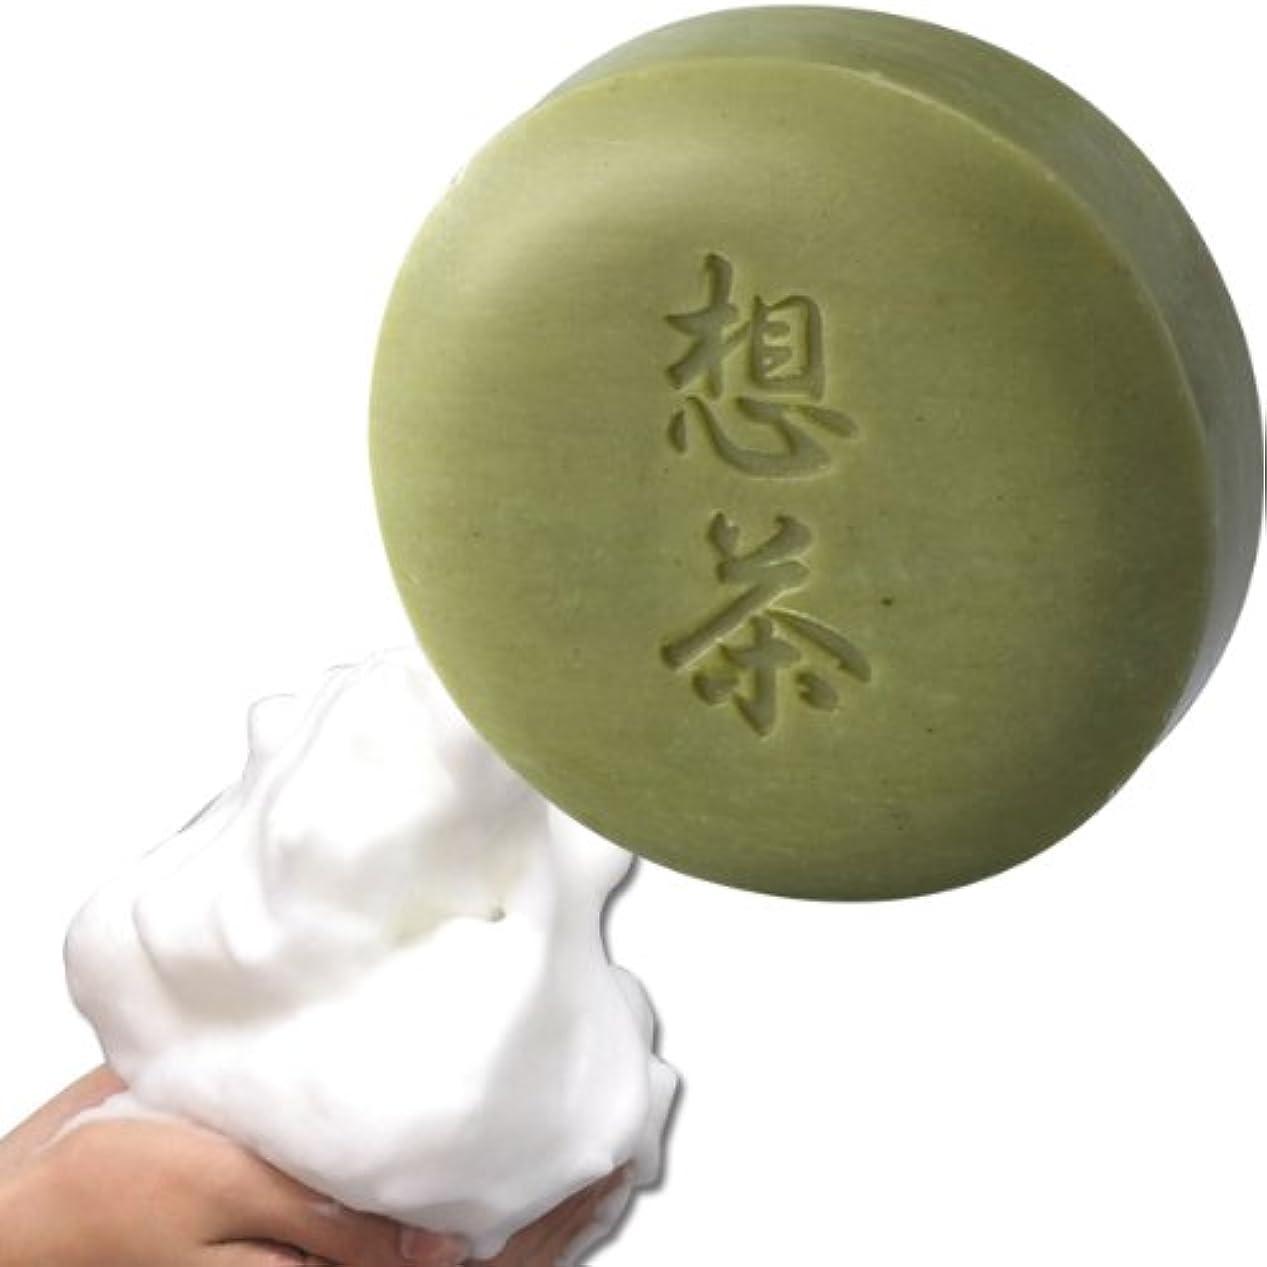 バナナインゲンフレームワーク想茶石鹸 100g(お茶屋さんが作ったお茶石鹸)